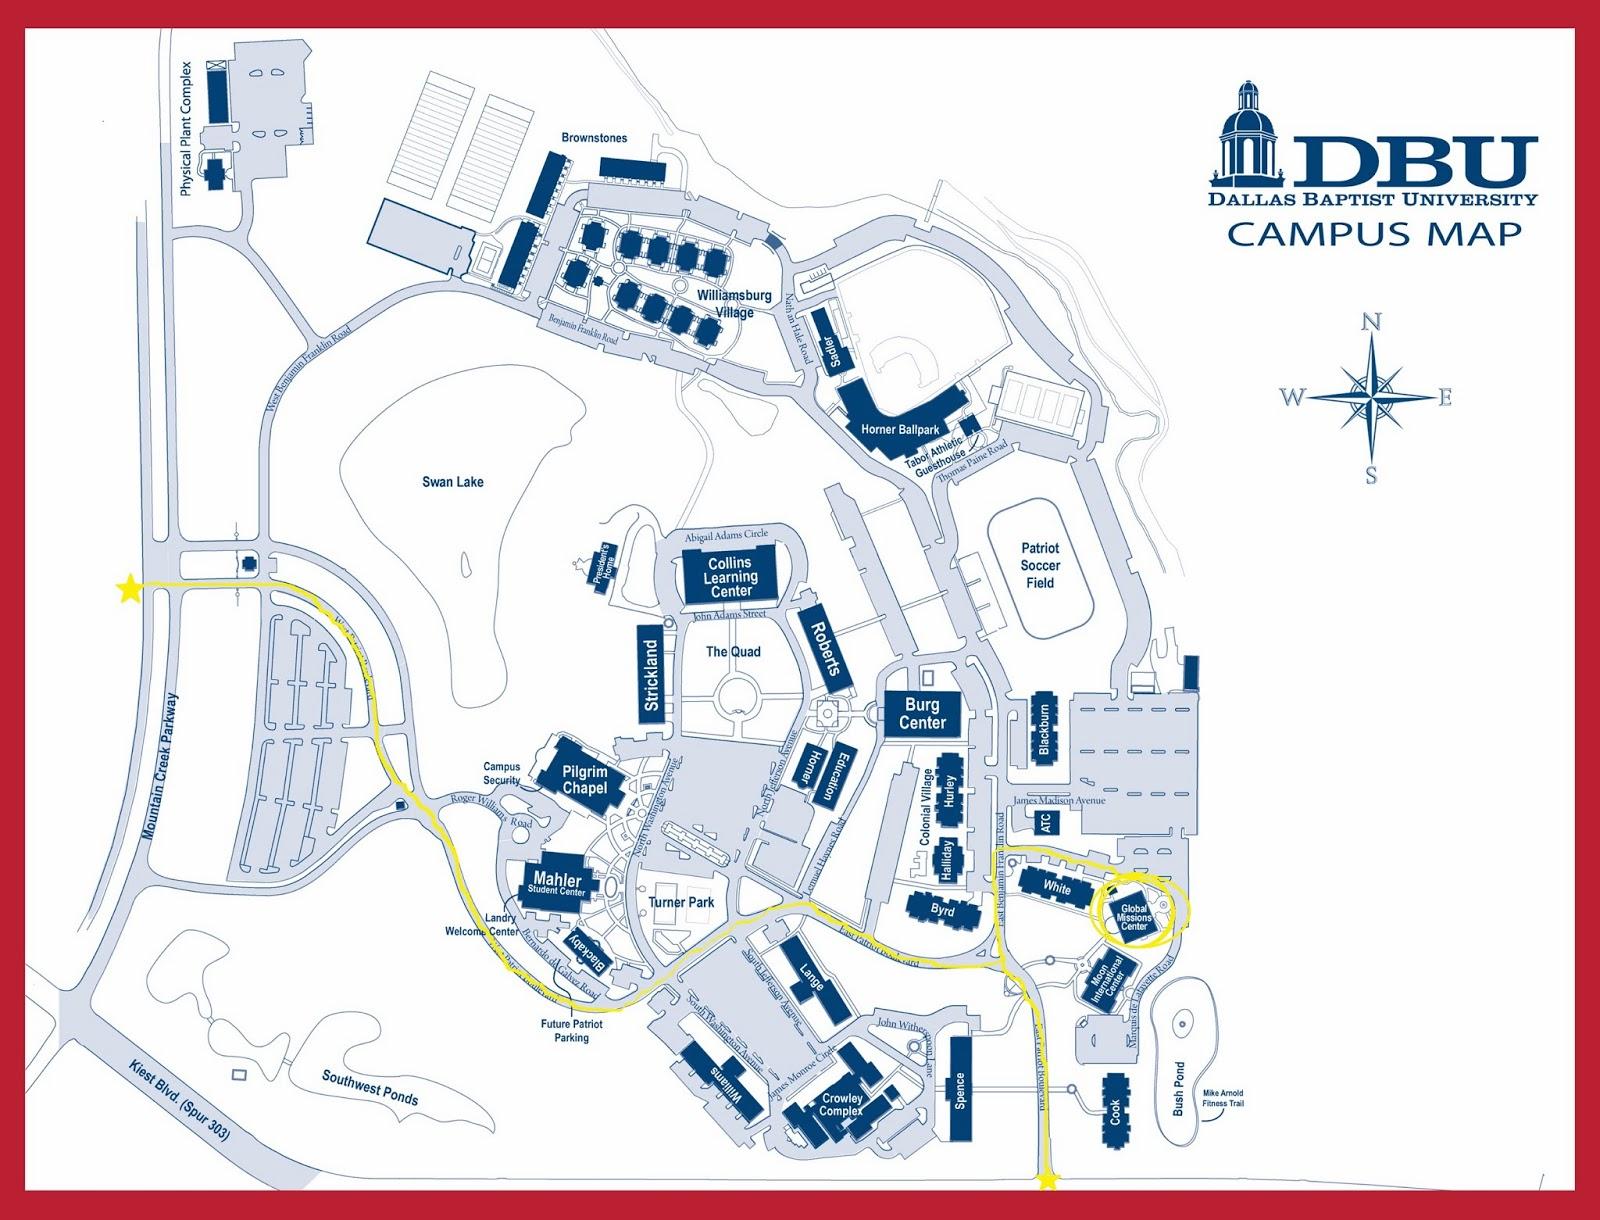 Dbu Campus Map | Quality Map